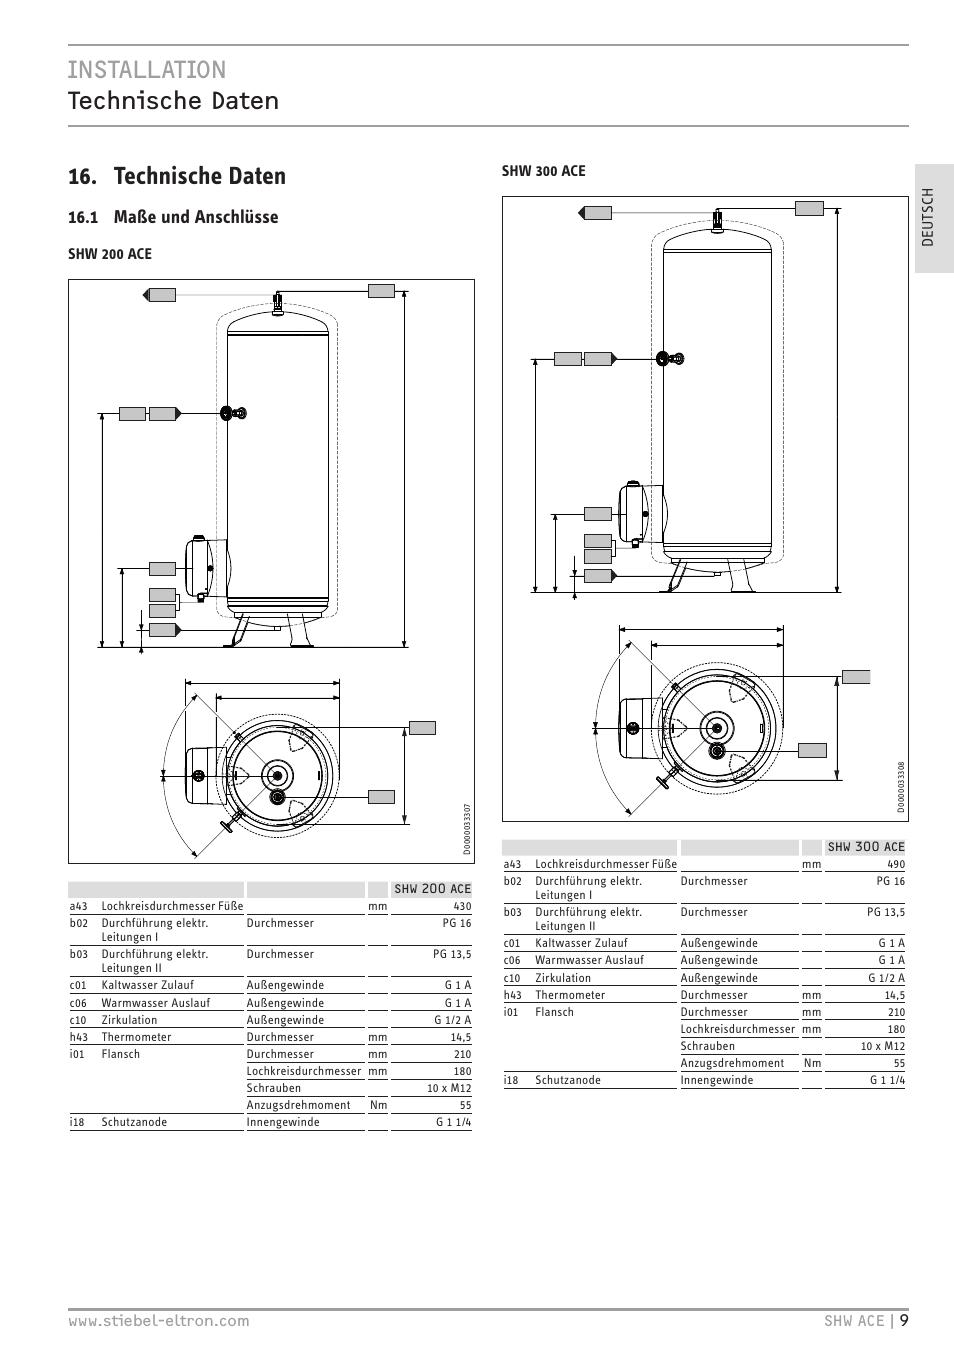 Installation technische daten 16. technische daten, 1 maße